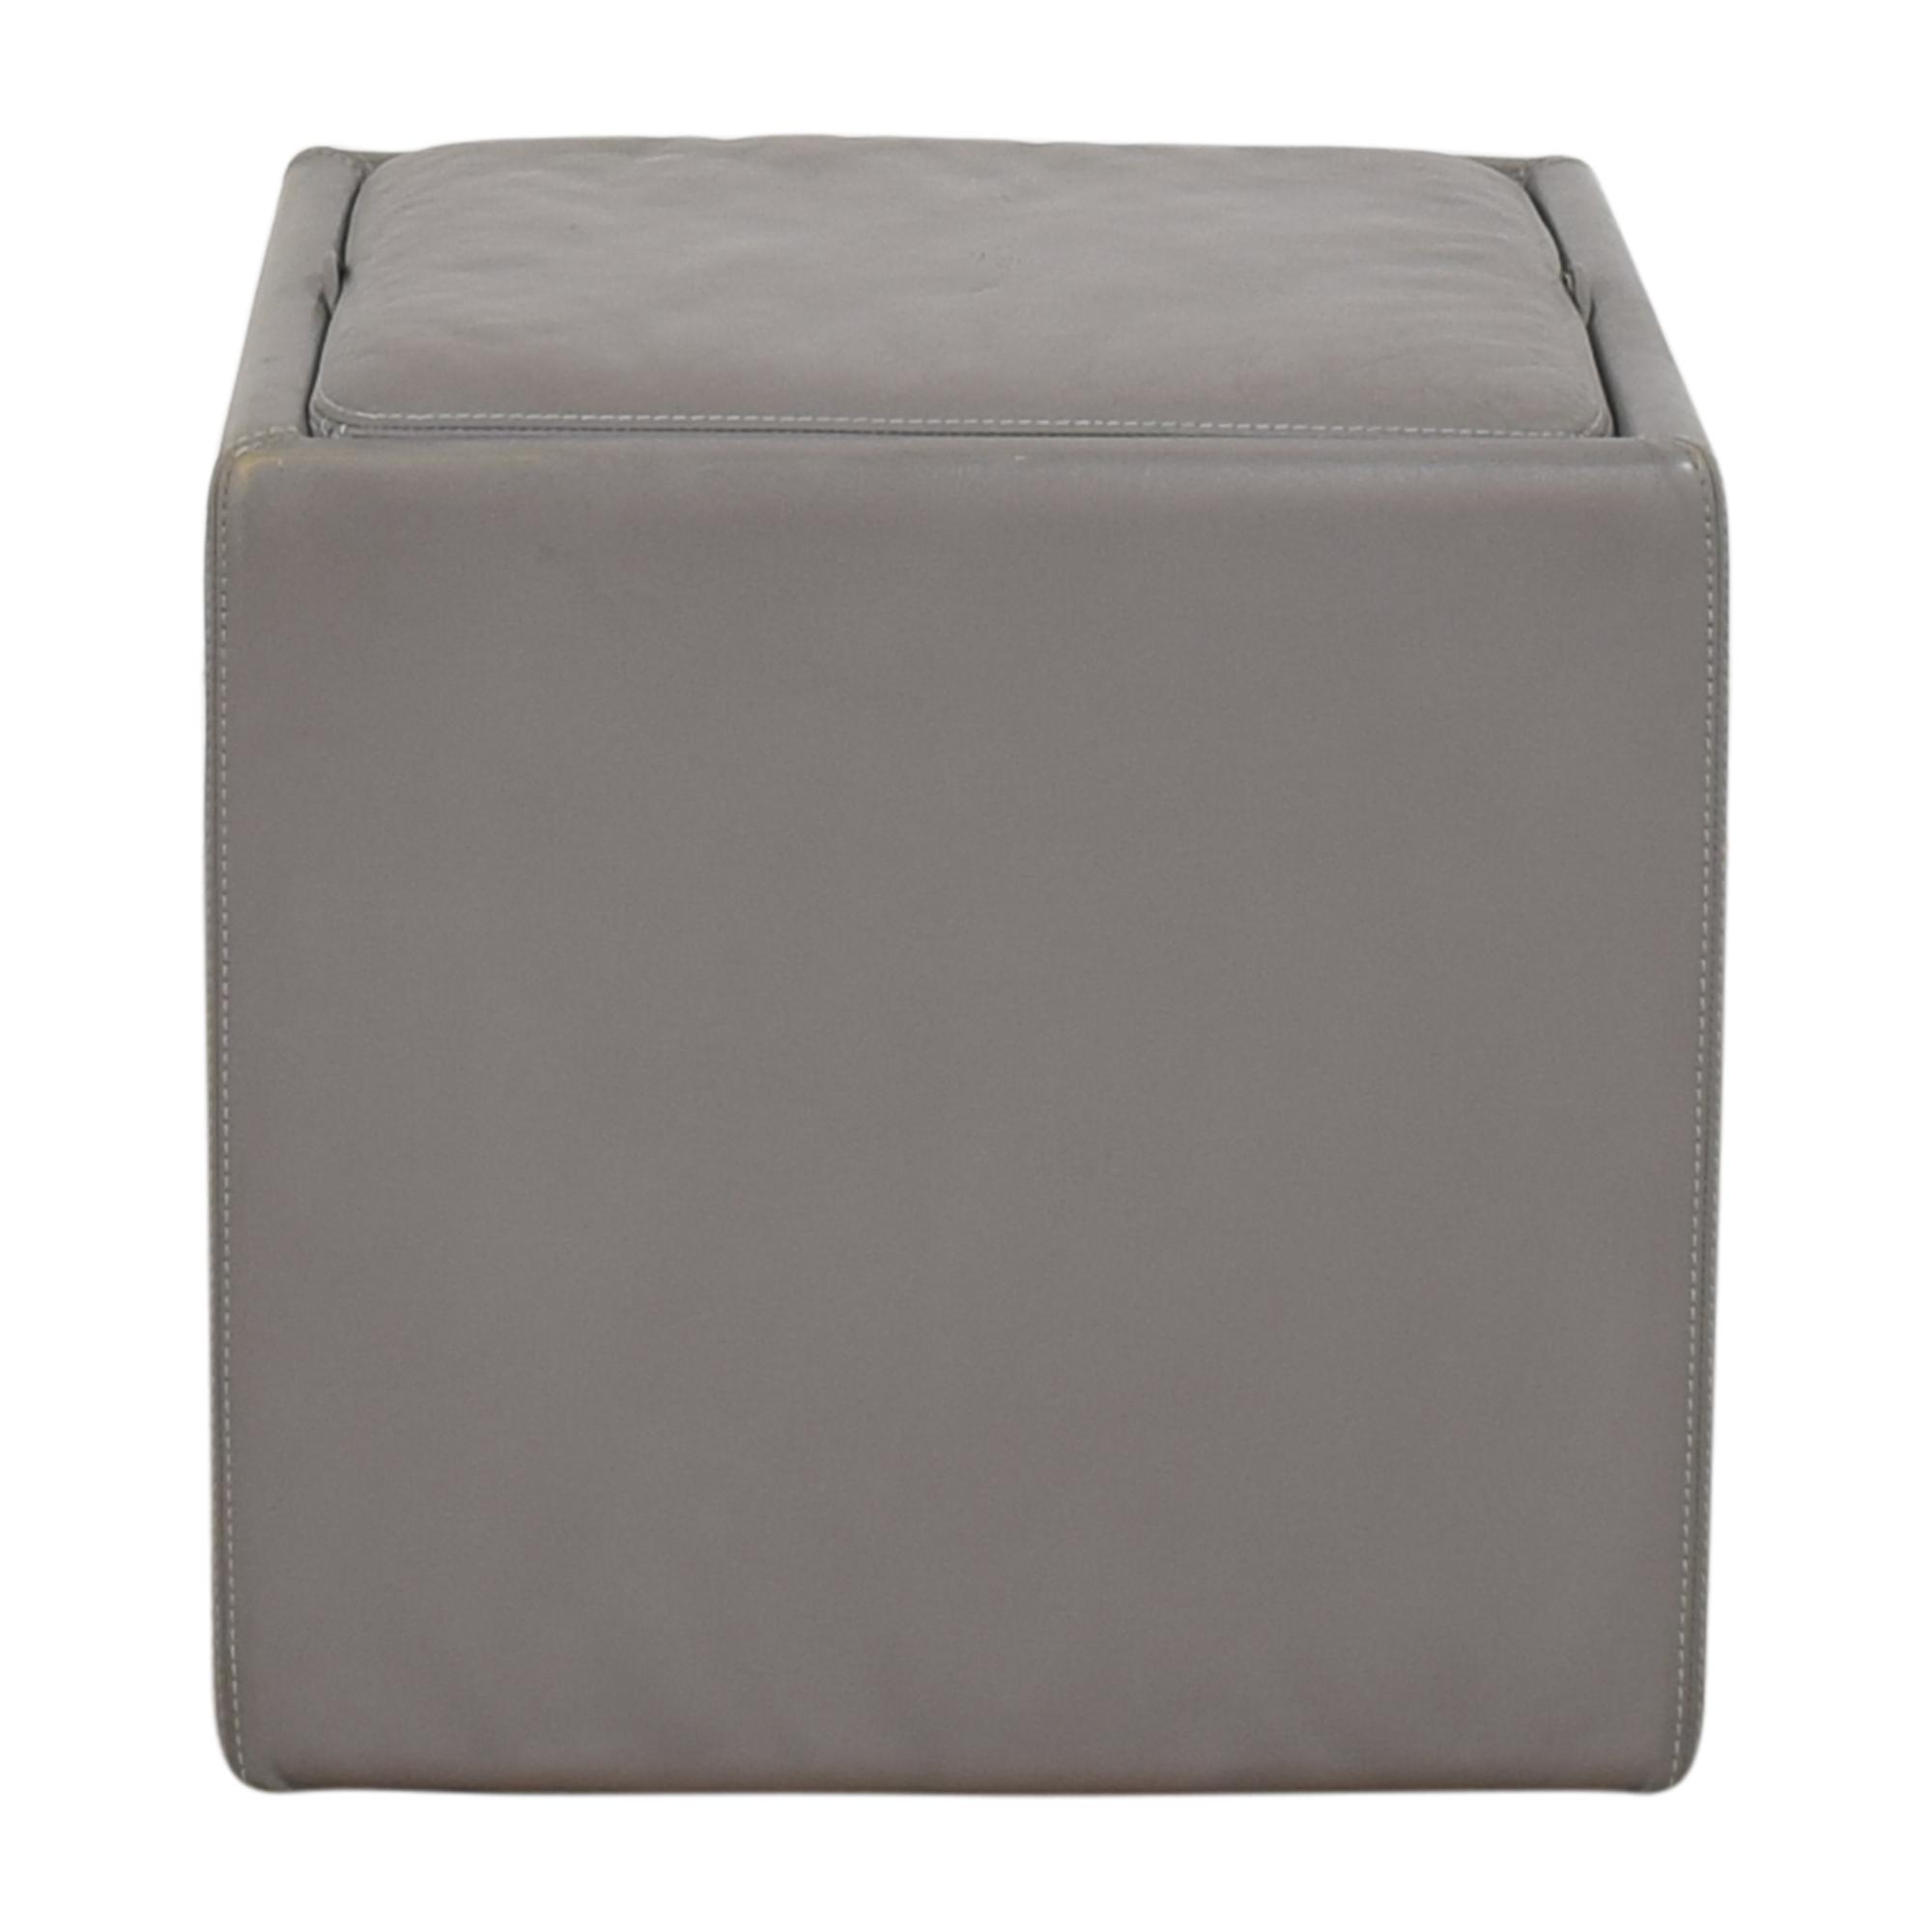 shop Design Within Reach Nexus Storage Cube Design Within Reach Storage